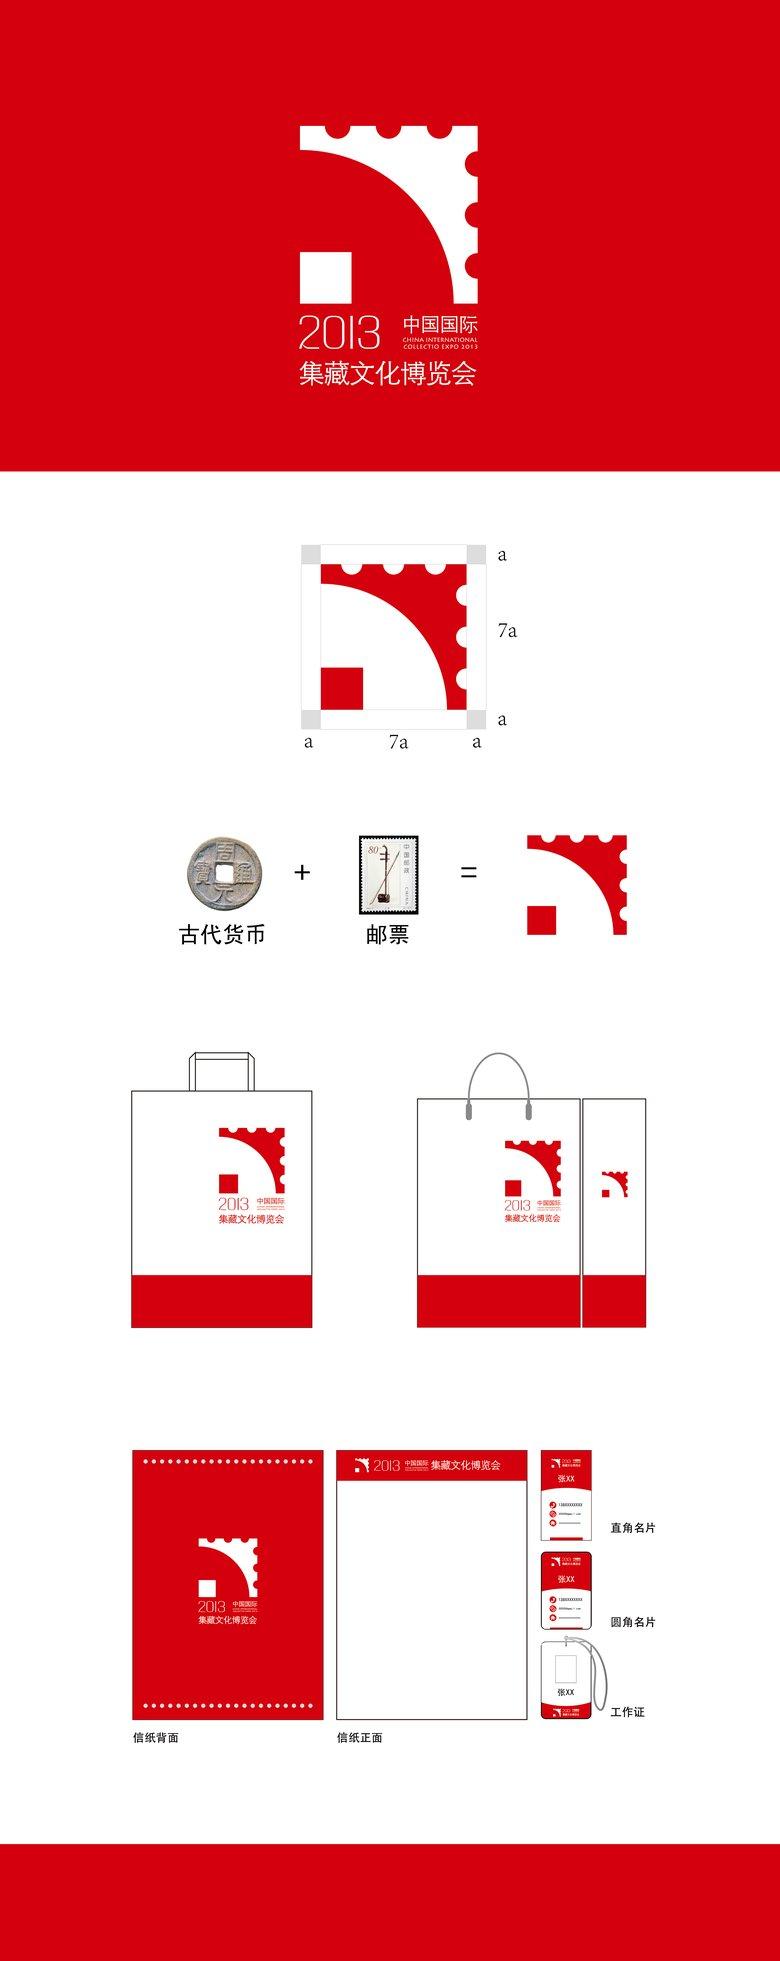 2013中国国际集藏文化博览会logo及应用创意设计大赛获奖公示 ---品鉴图片